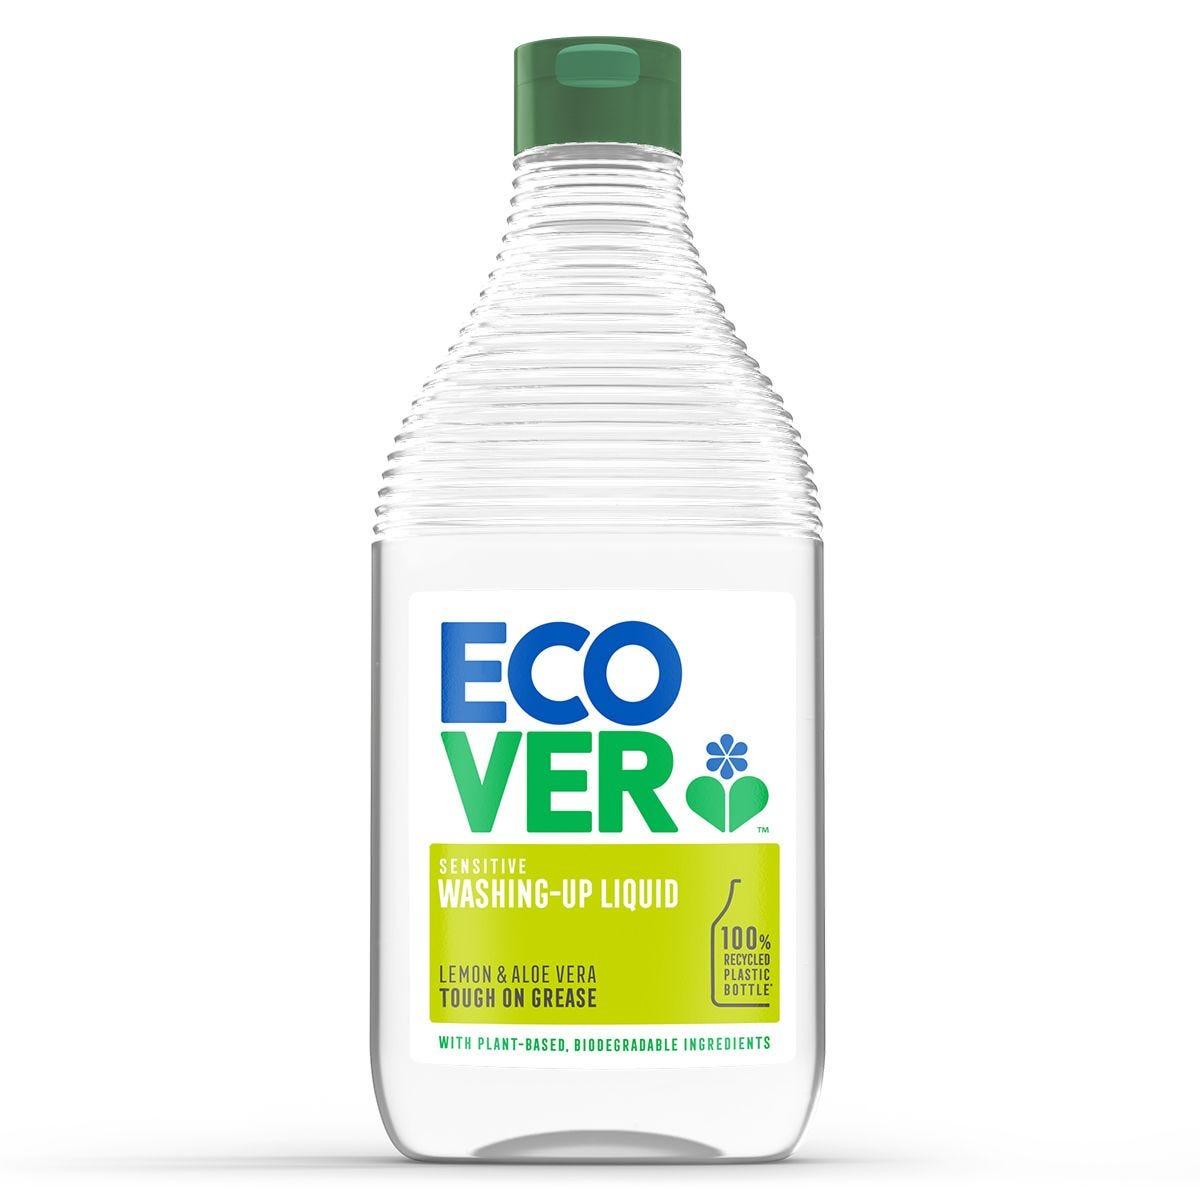 Ecover Washing Up Liquid 950ml - Lemon and Aloe